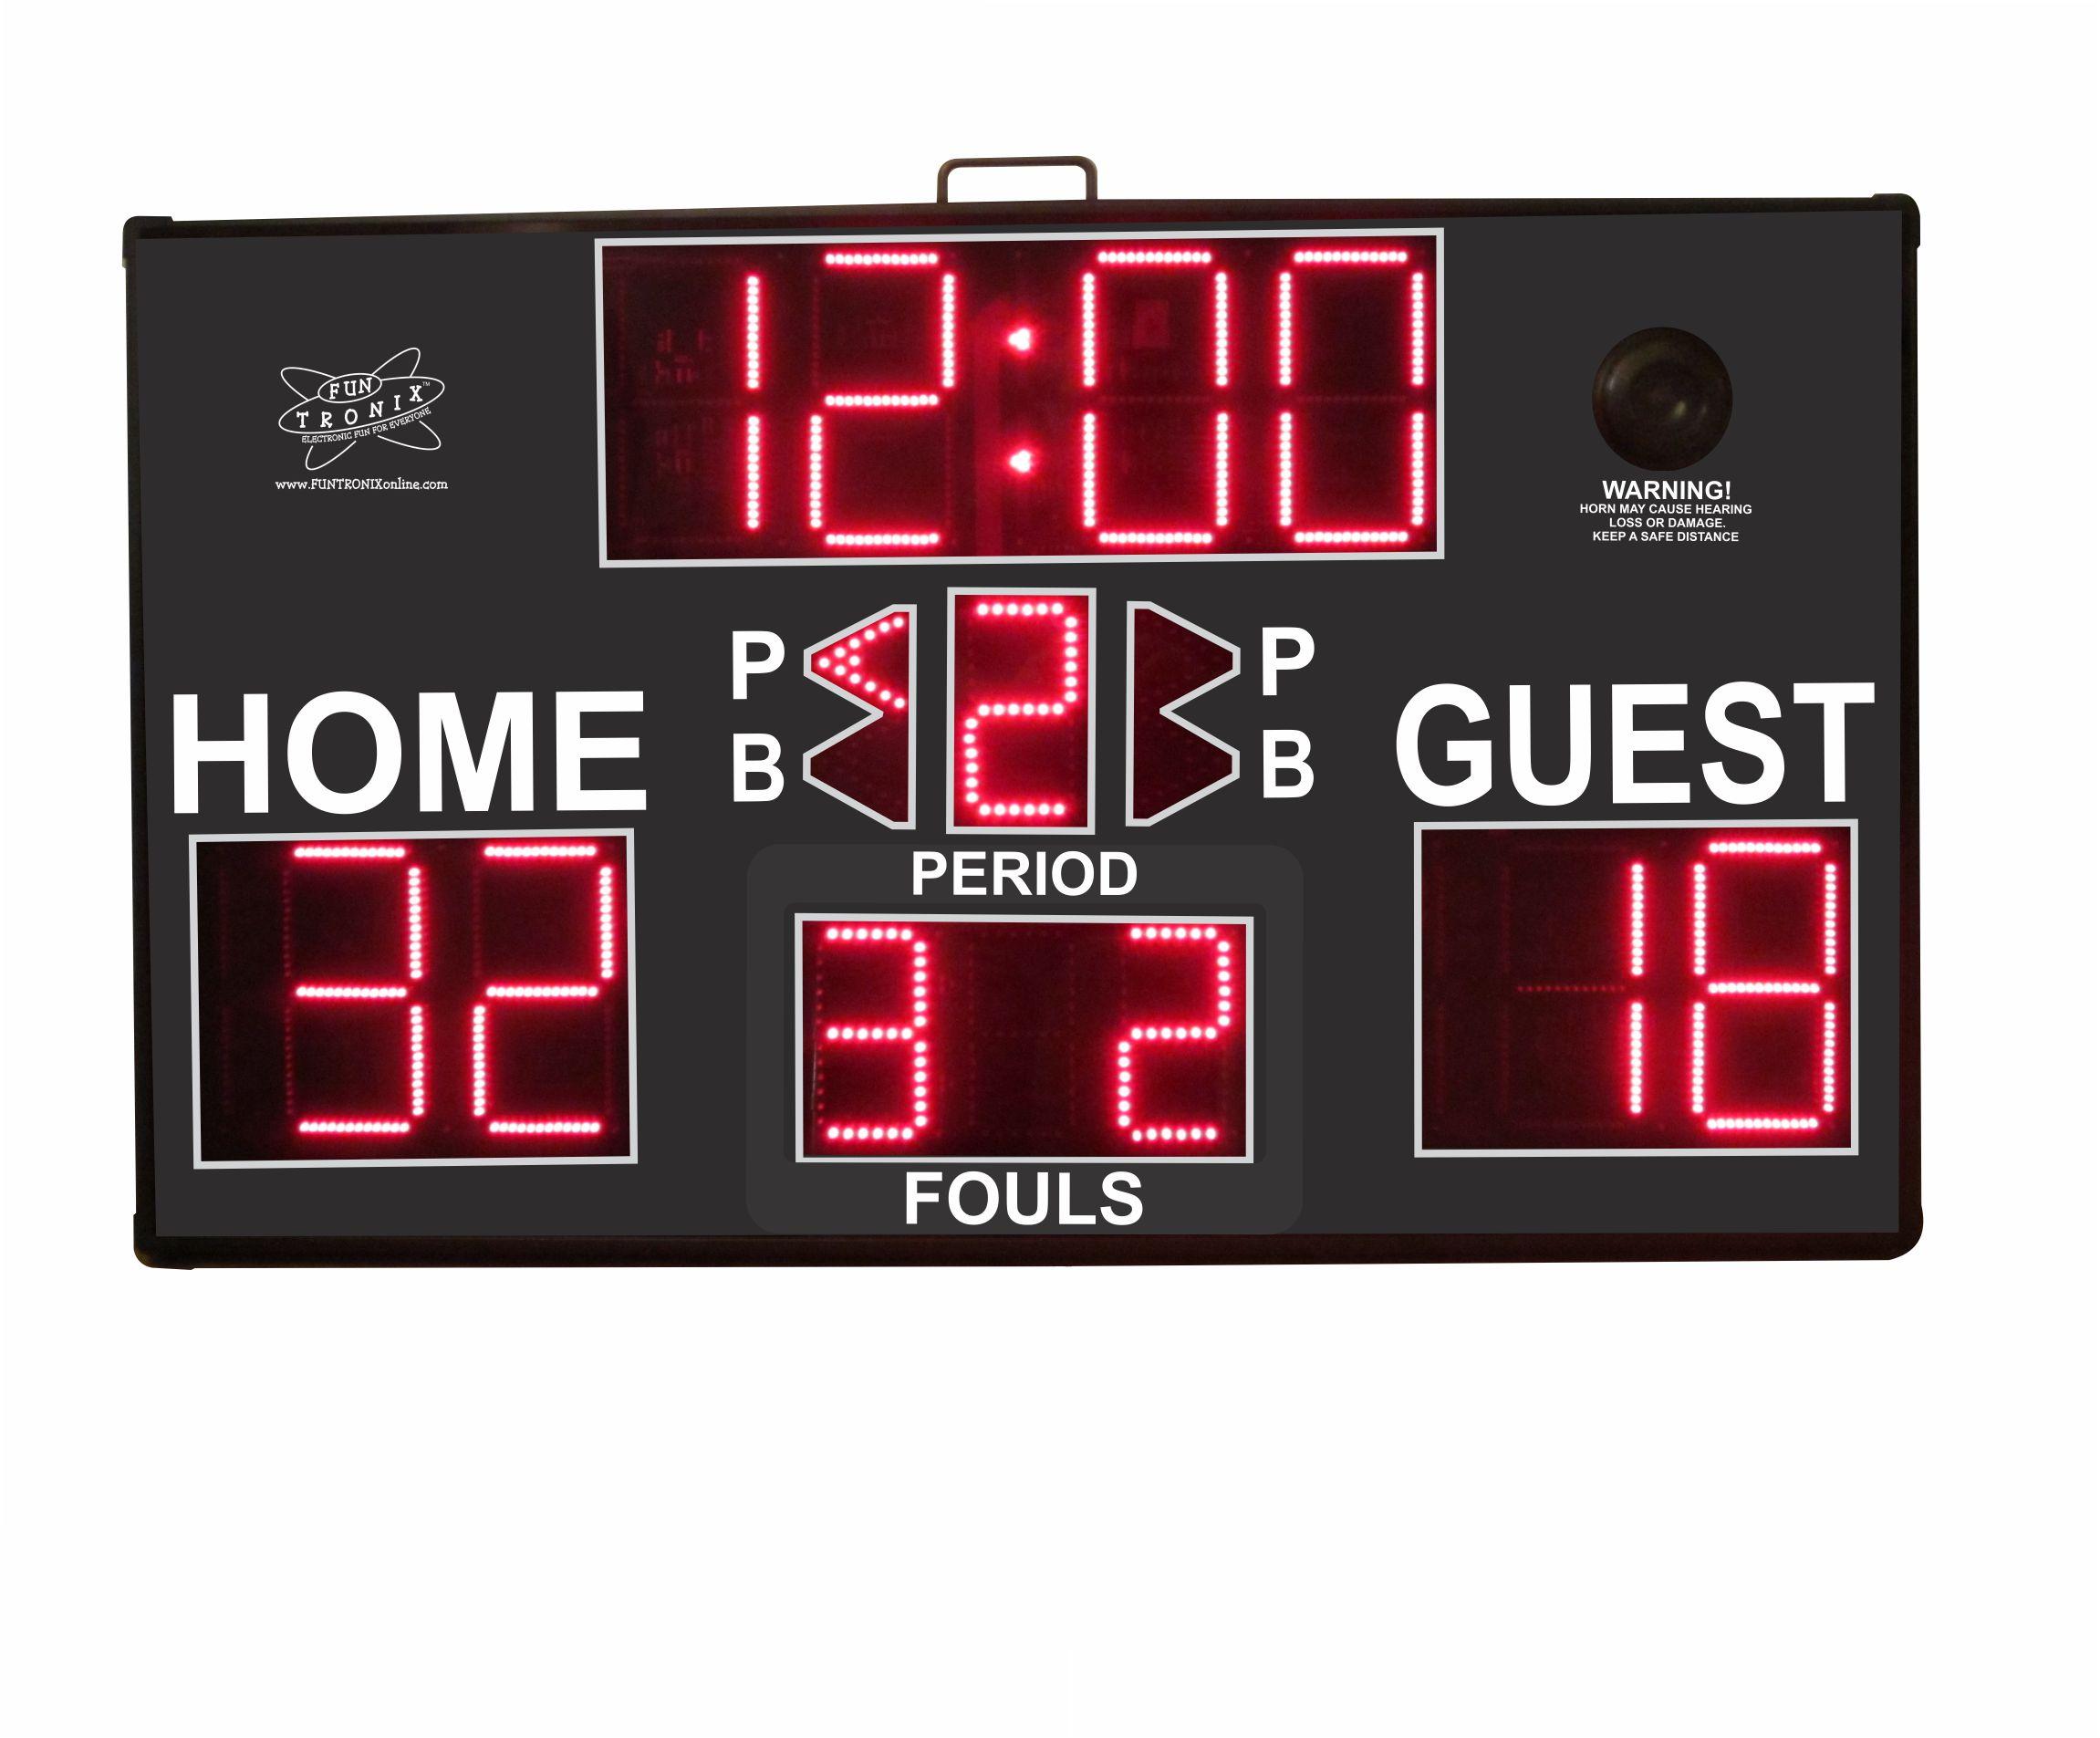 Ultra Large Portable Multisport Scoreboard